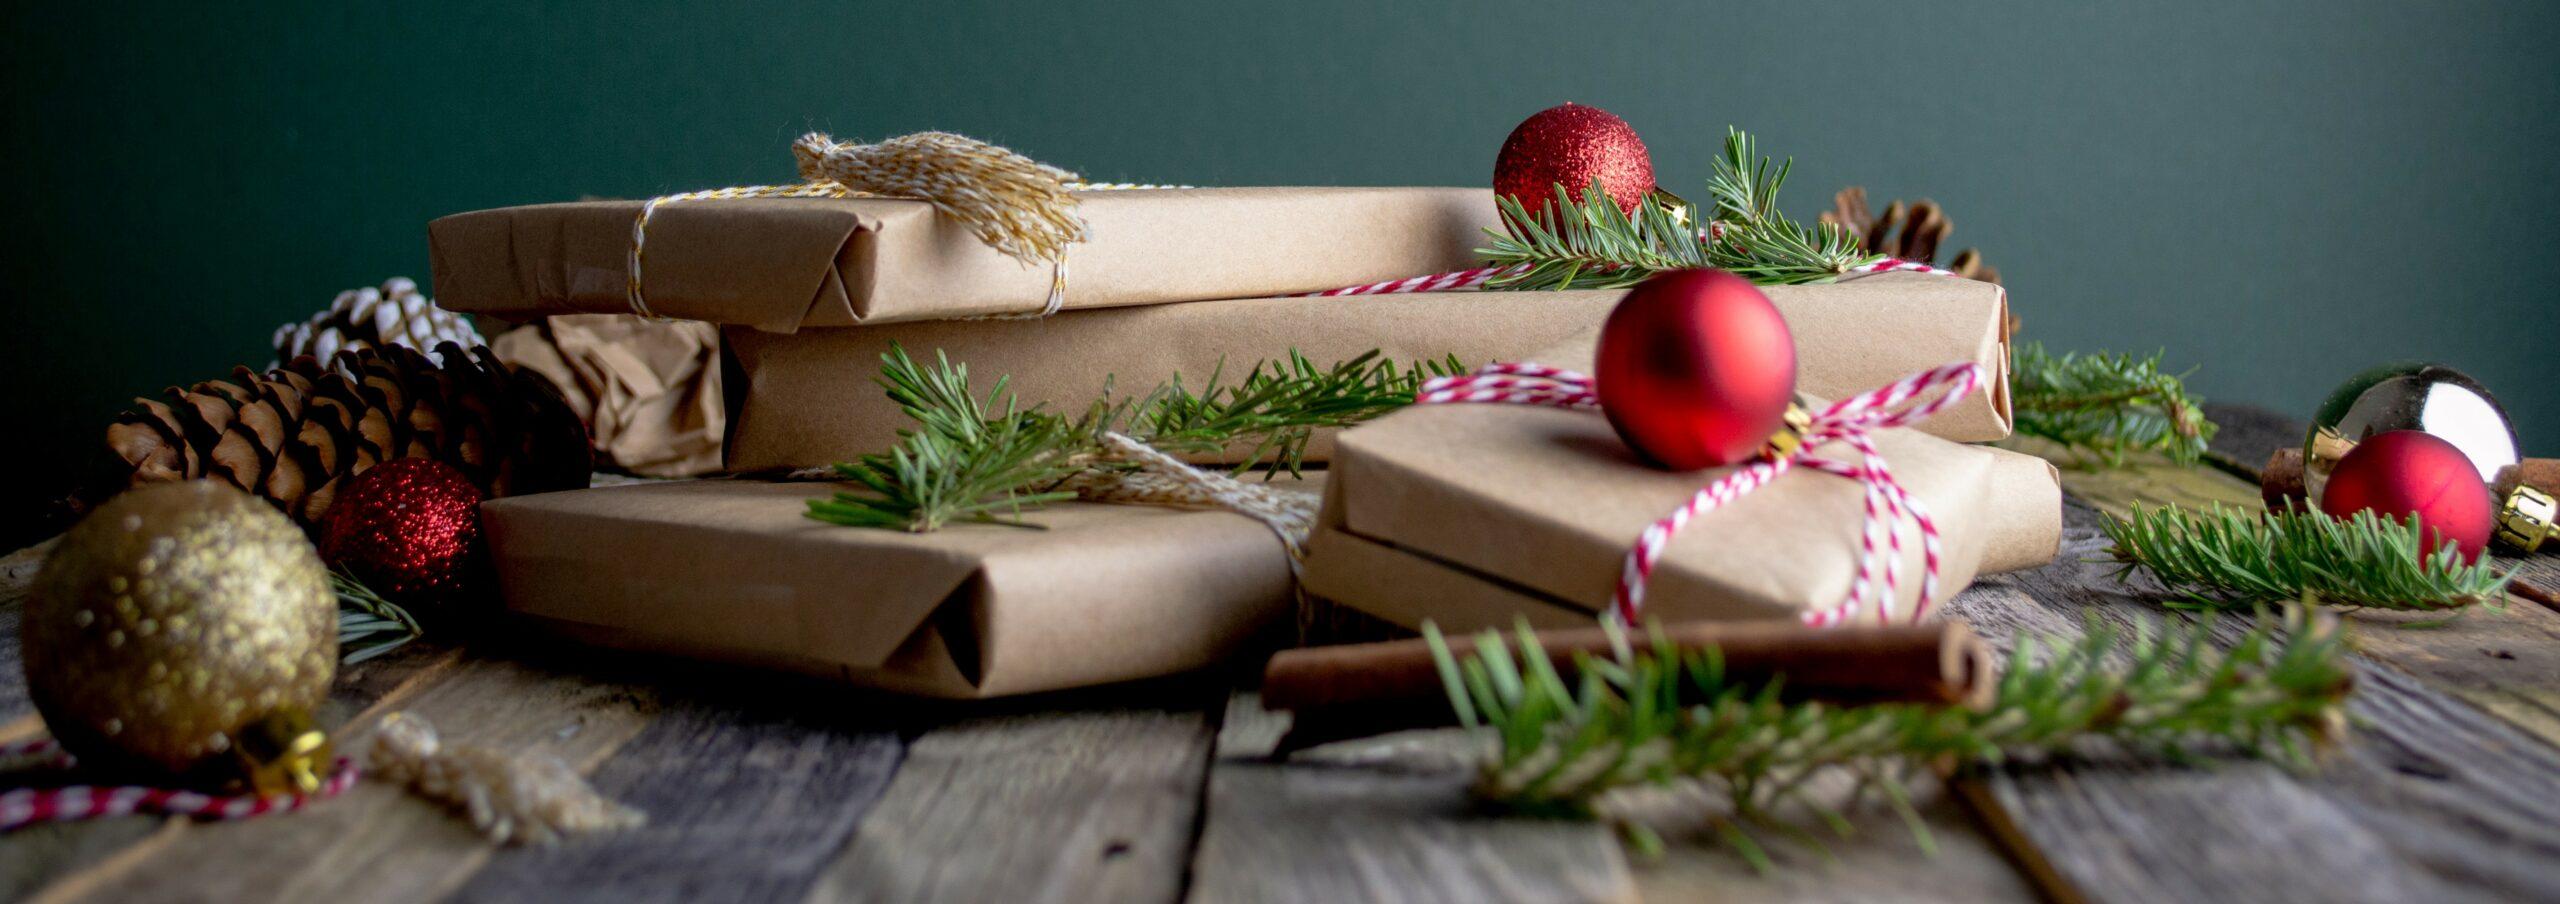 Trouver des cadeaux de Noël pour toute la famille